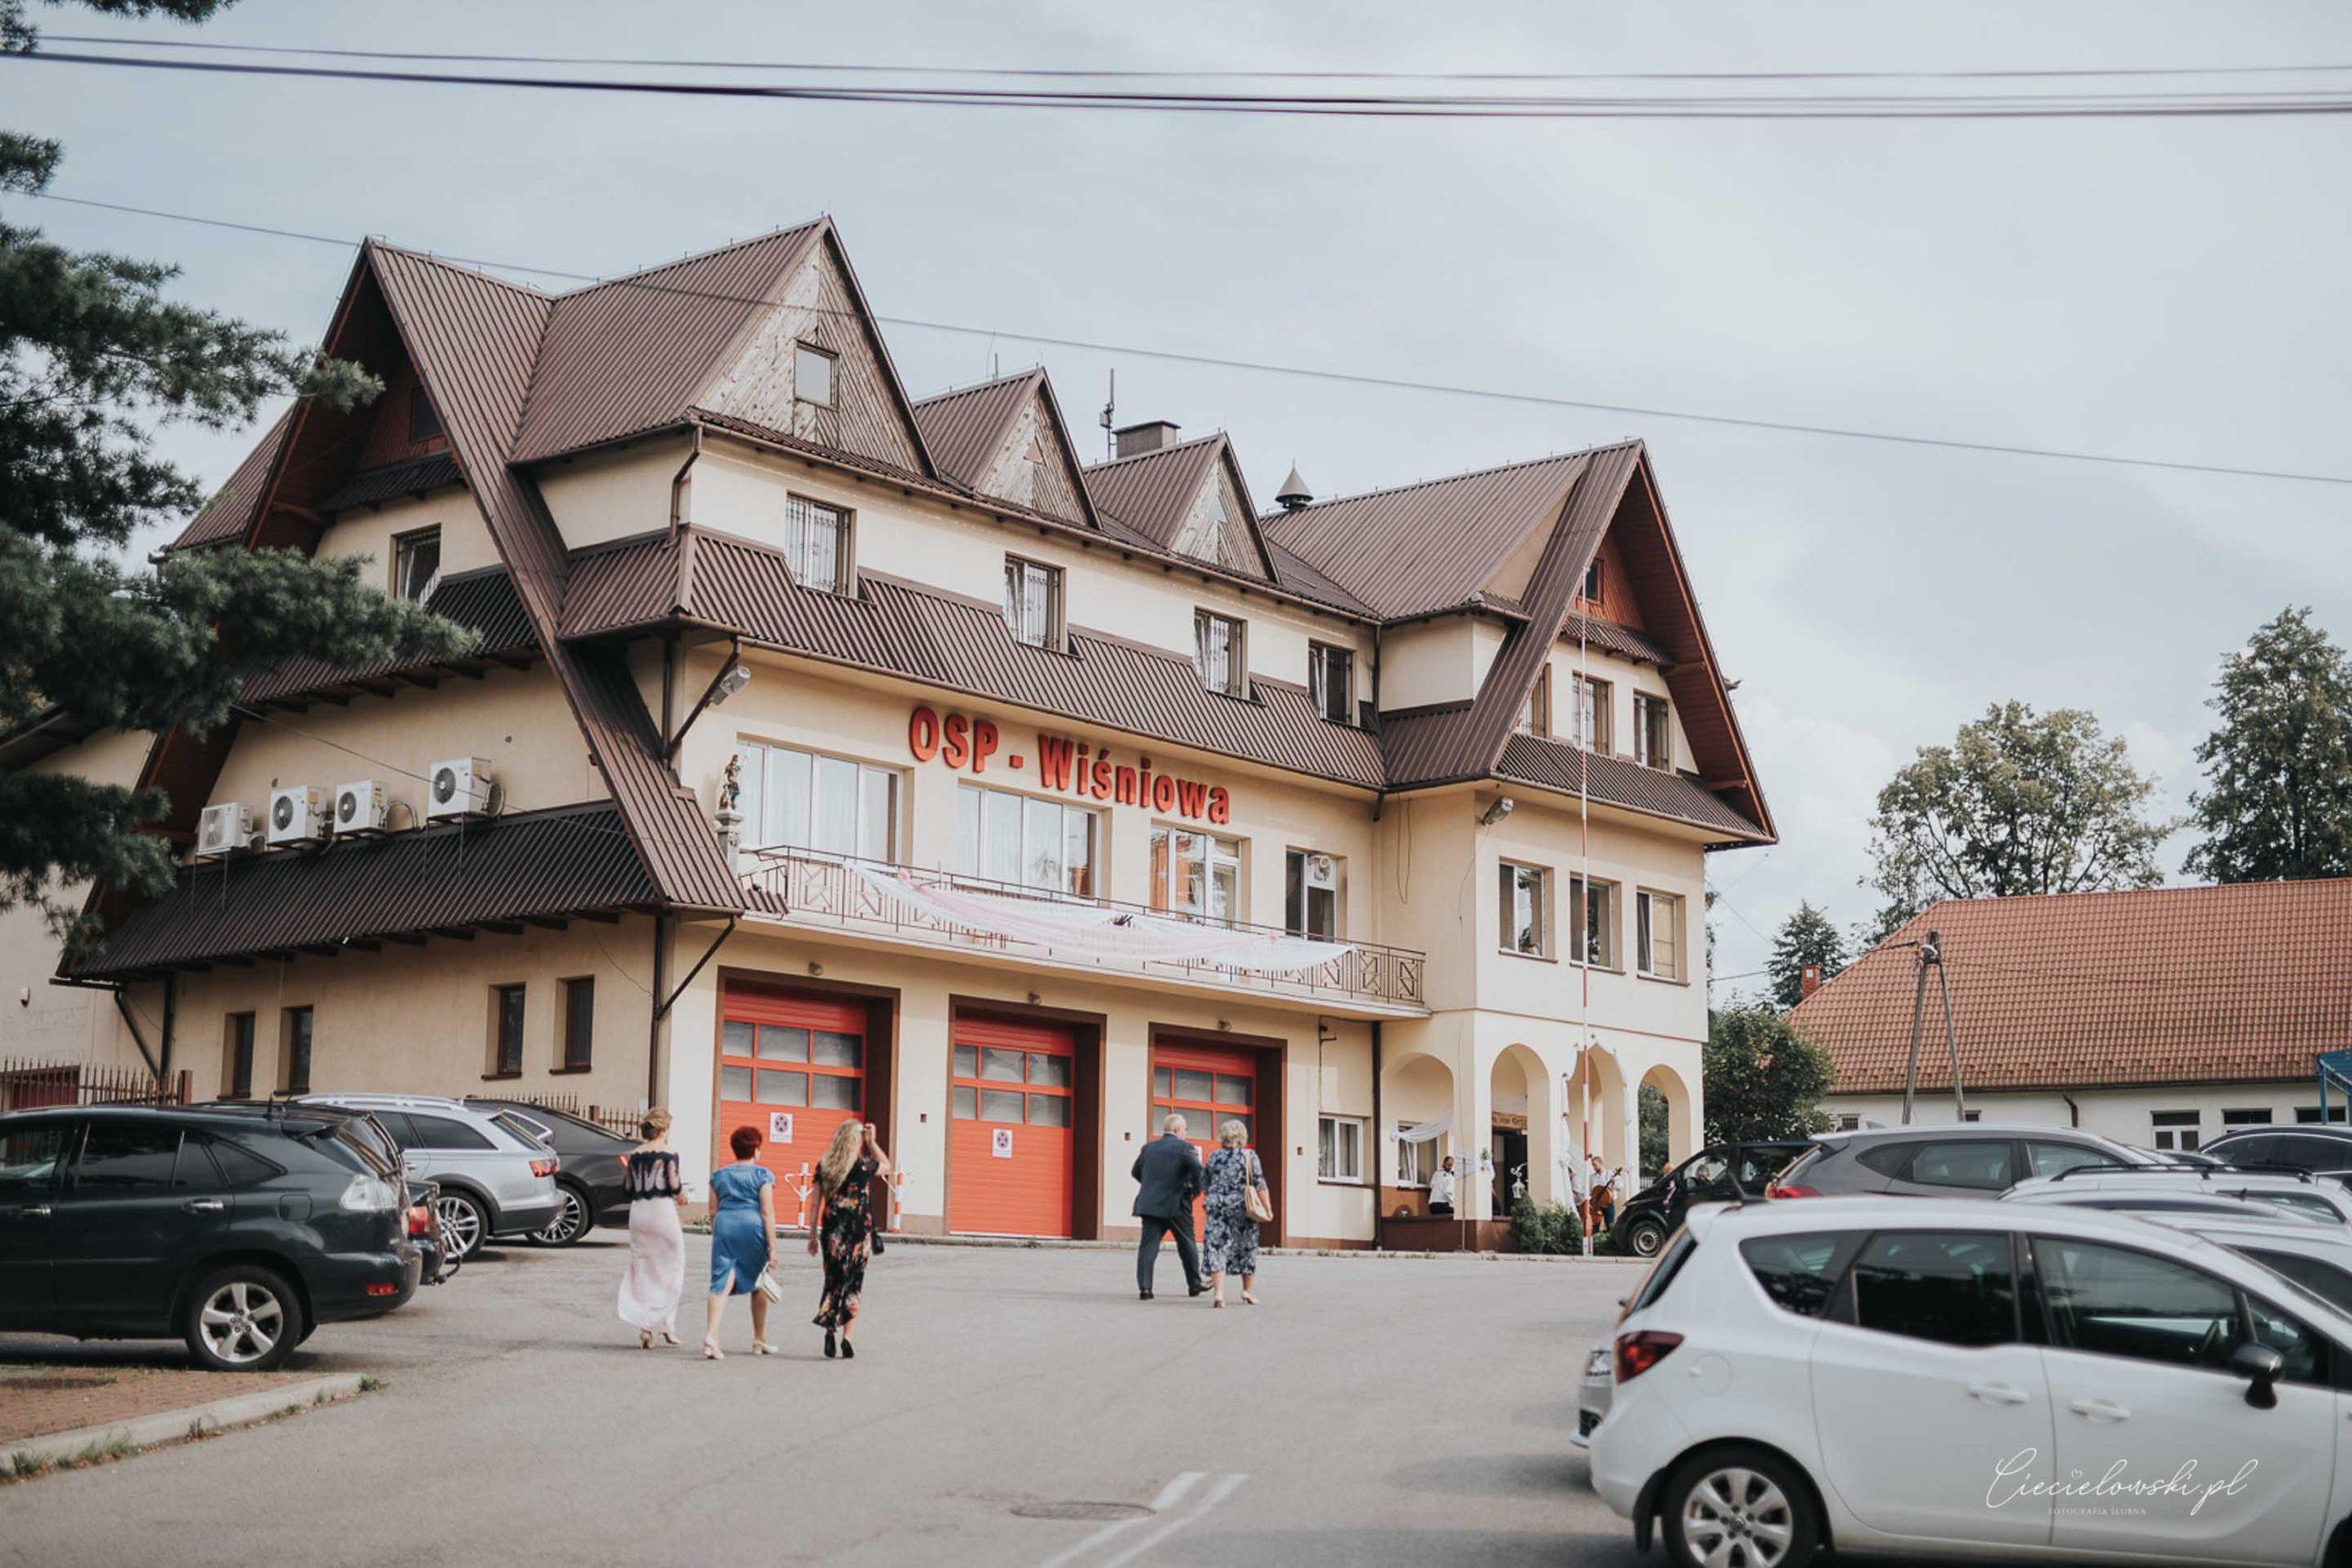 fotografia ślubna (51 of 71)